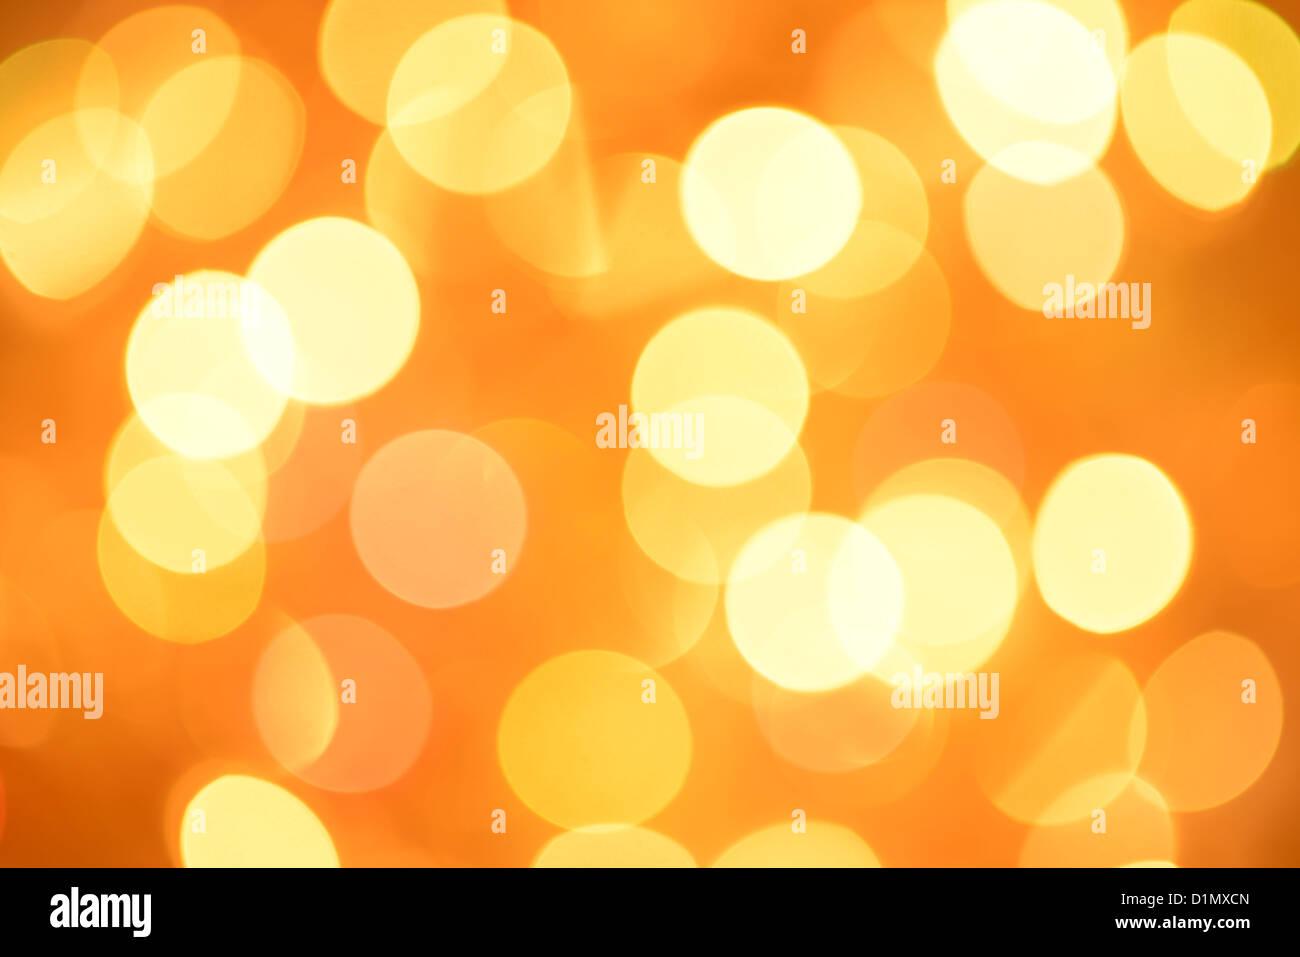 Resumen La trama de fondo de las luces de colores Imagen De Stock